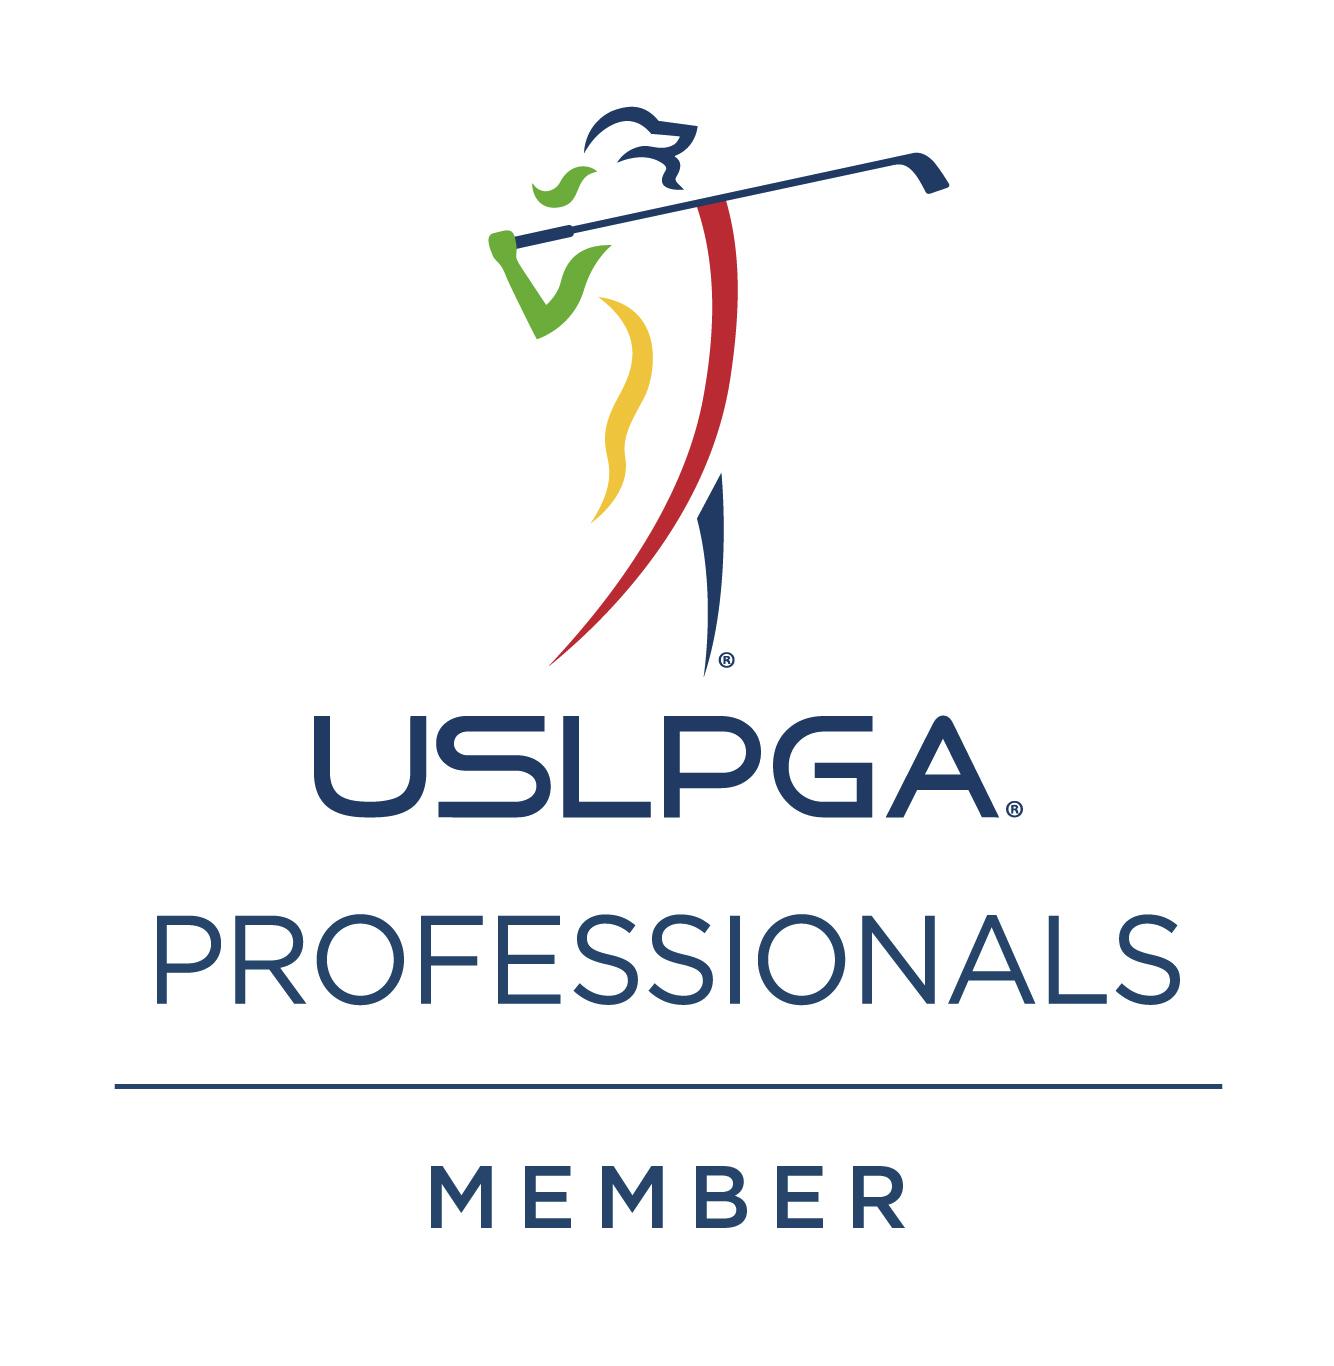 USLPGAプロによるジュニアゴルフスクールならサトミキッズゴルフアカデミー